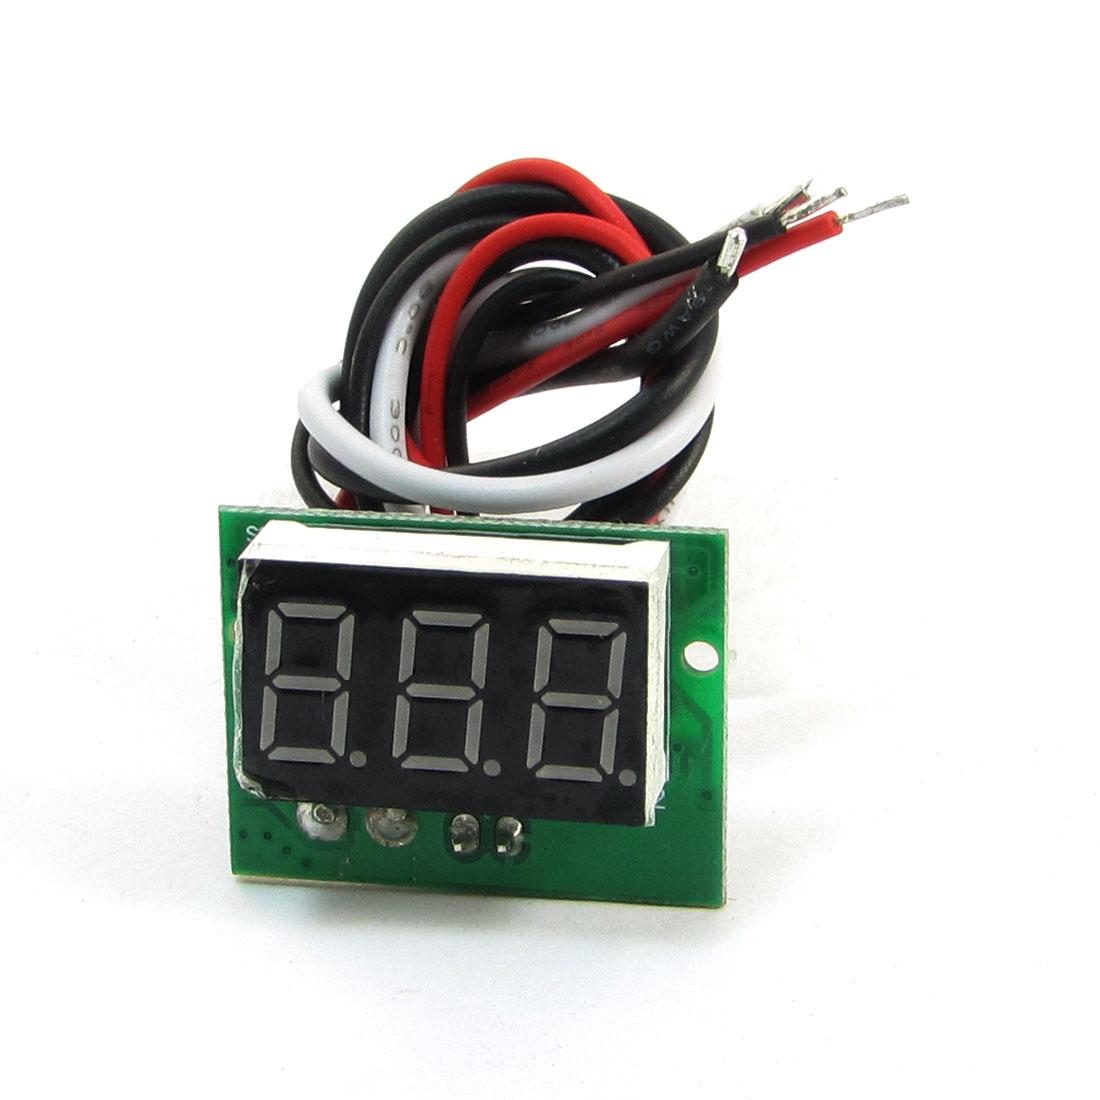 C20D Red LED Light 3-Digital Ammeter Module DC 0-5A Green